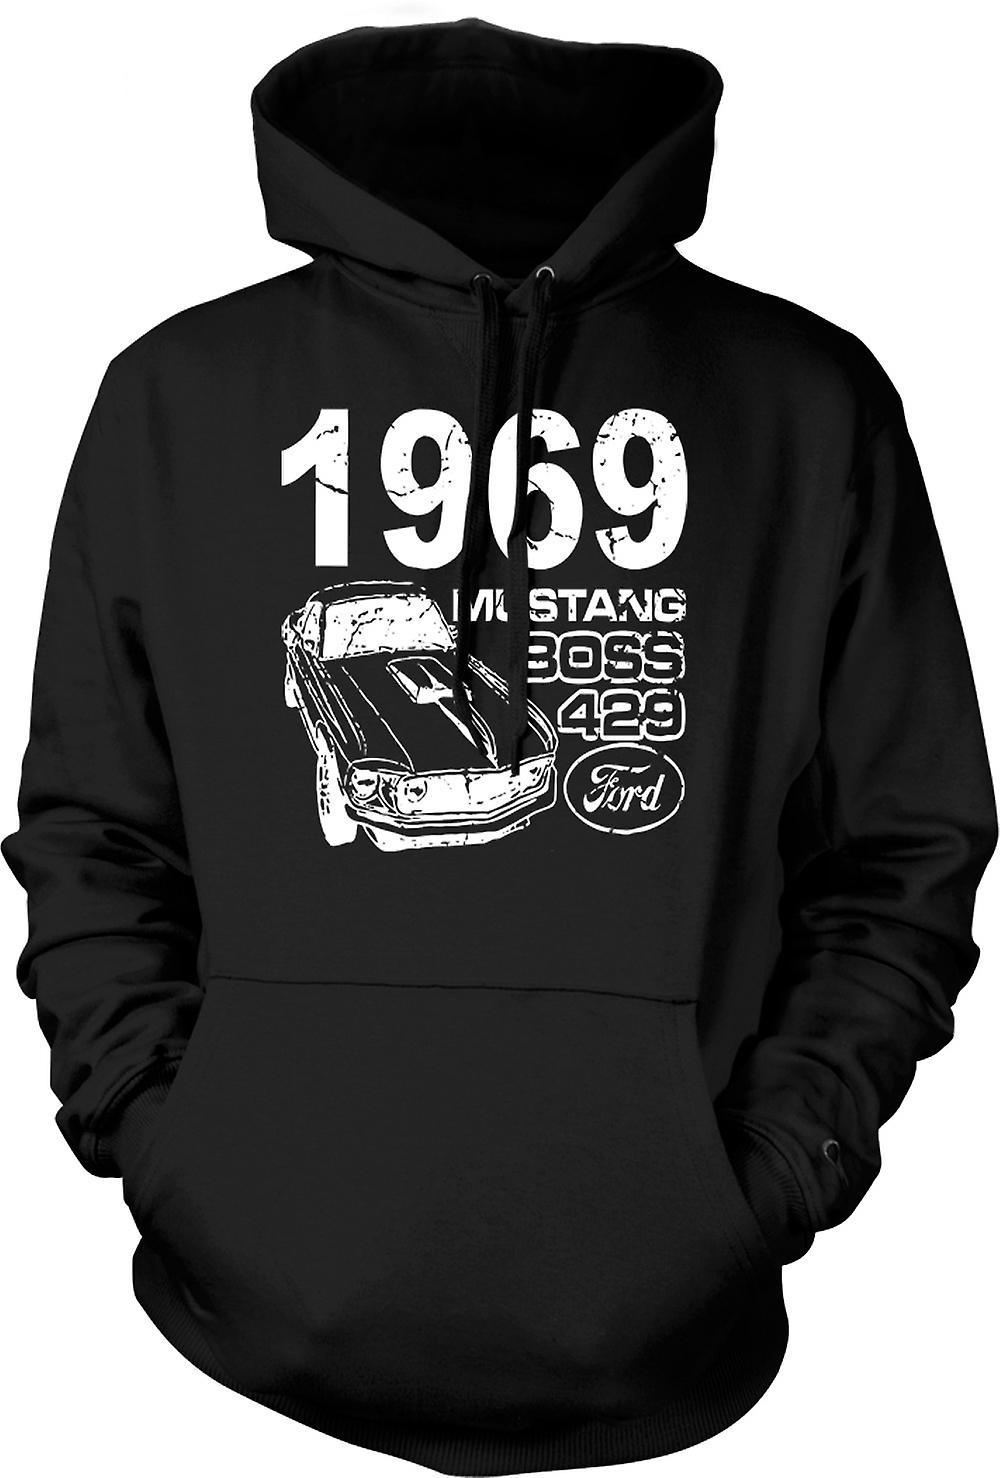 Los niños con capucha - 1969 Mustang Boss 429 - coche clásico U.S.